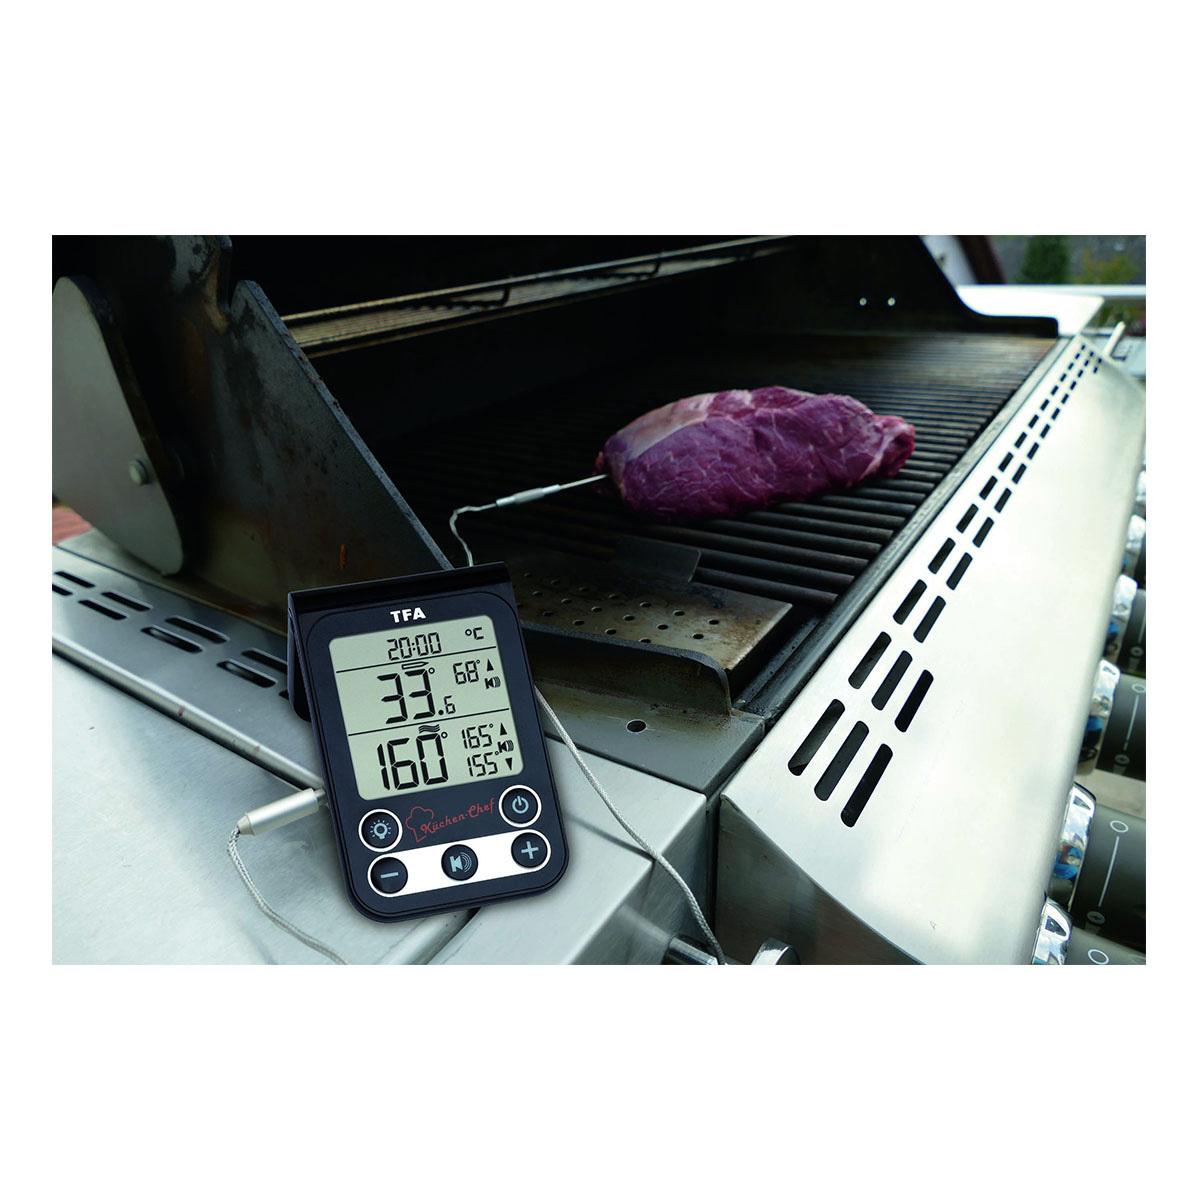 Digitální vpichový teploměr na maso TFA 14.1512.01